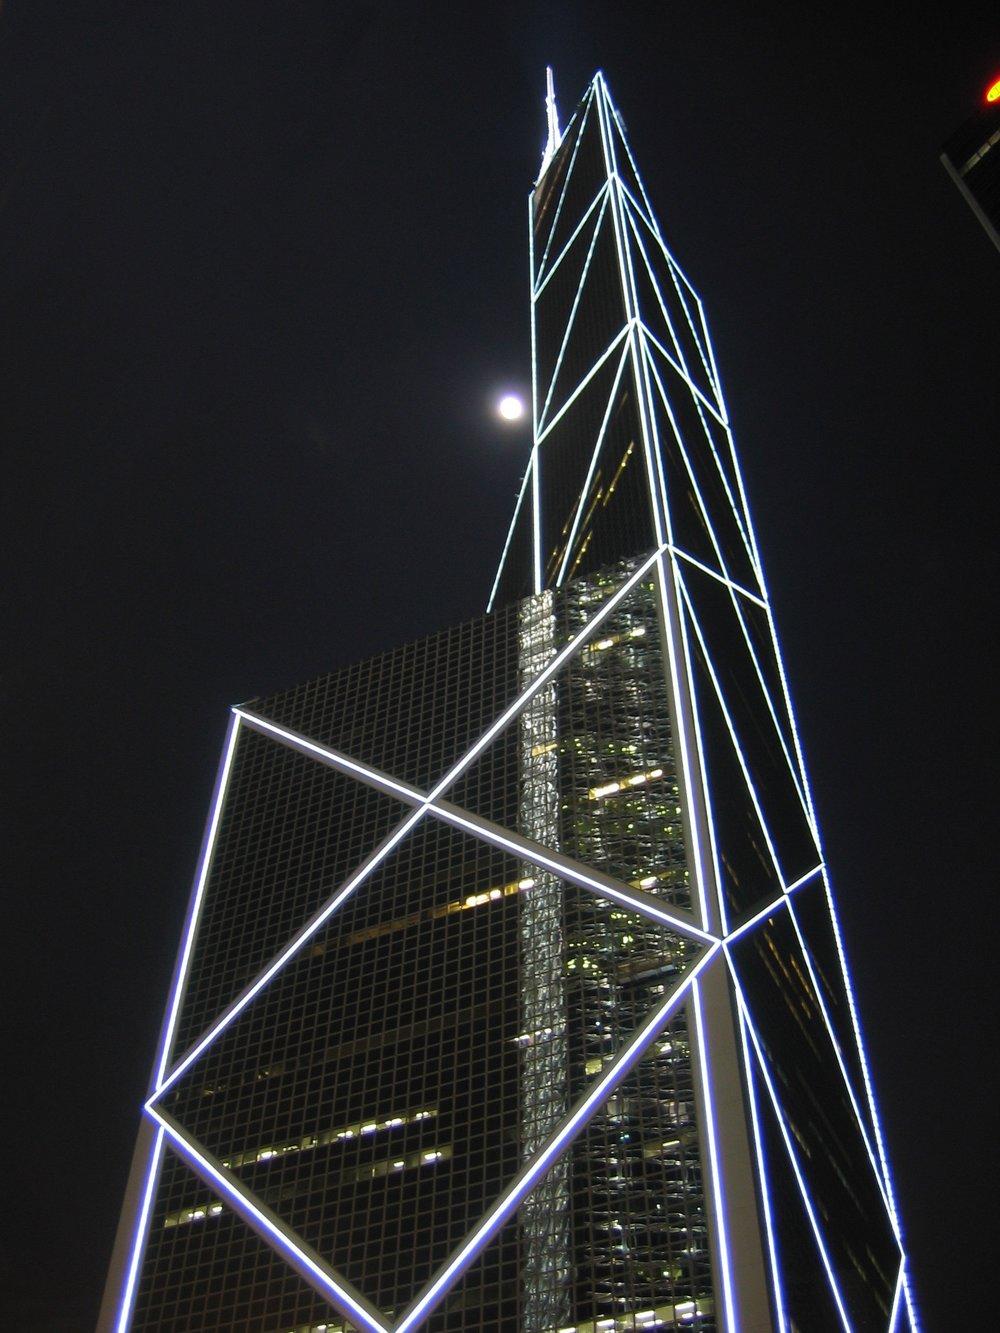 BANK OF CHINA, HONG KONG ISLAND